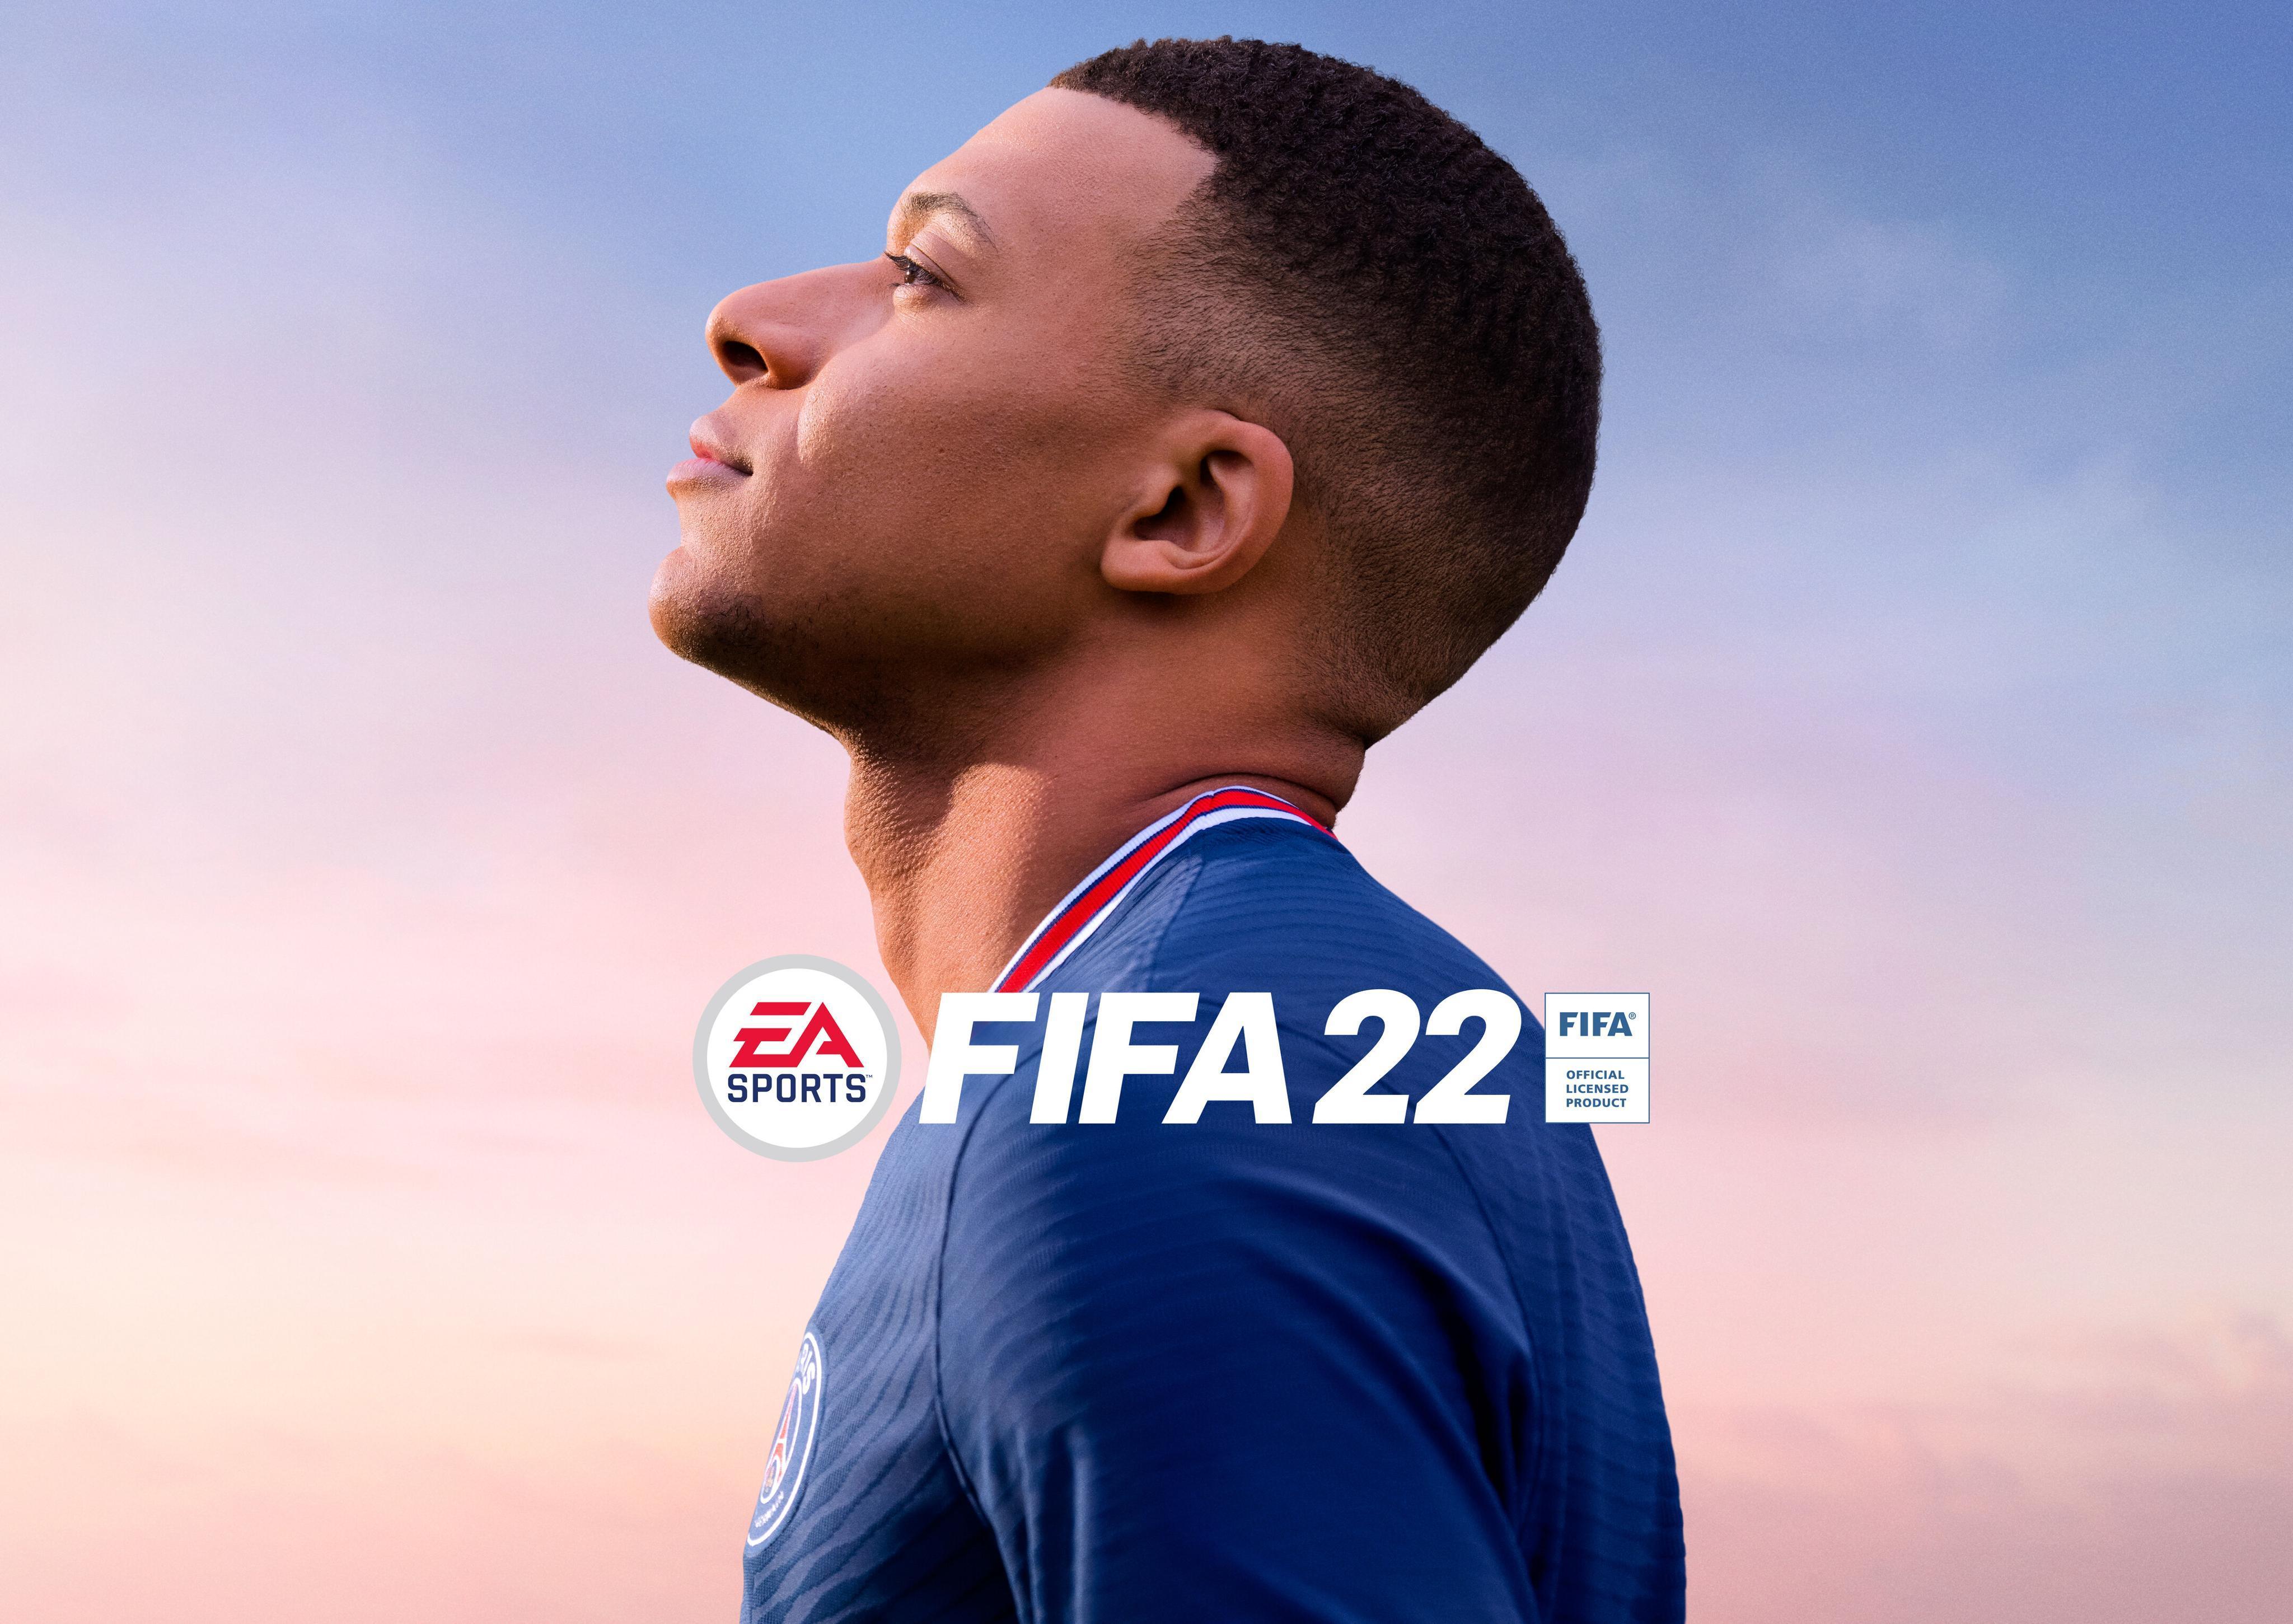 Enthüllungs-Trailer zu FIFA 22 wird morgen veröffentlicht